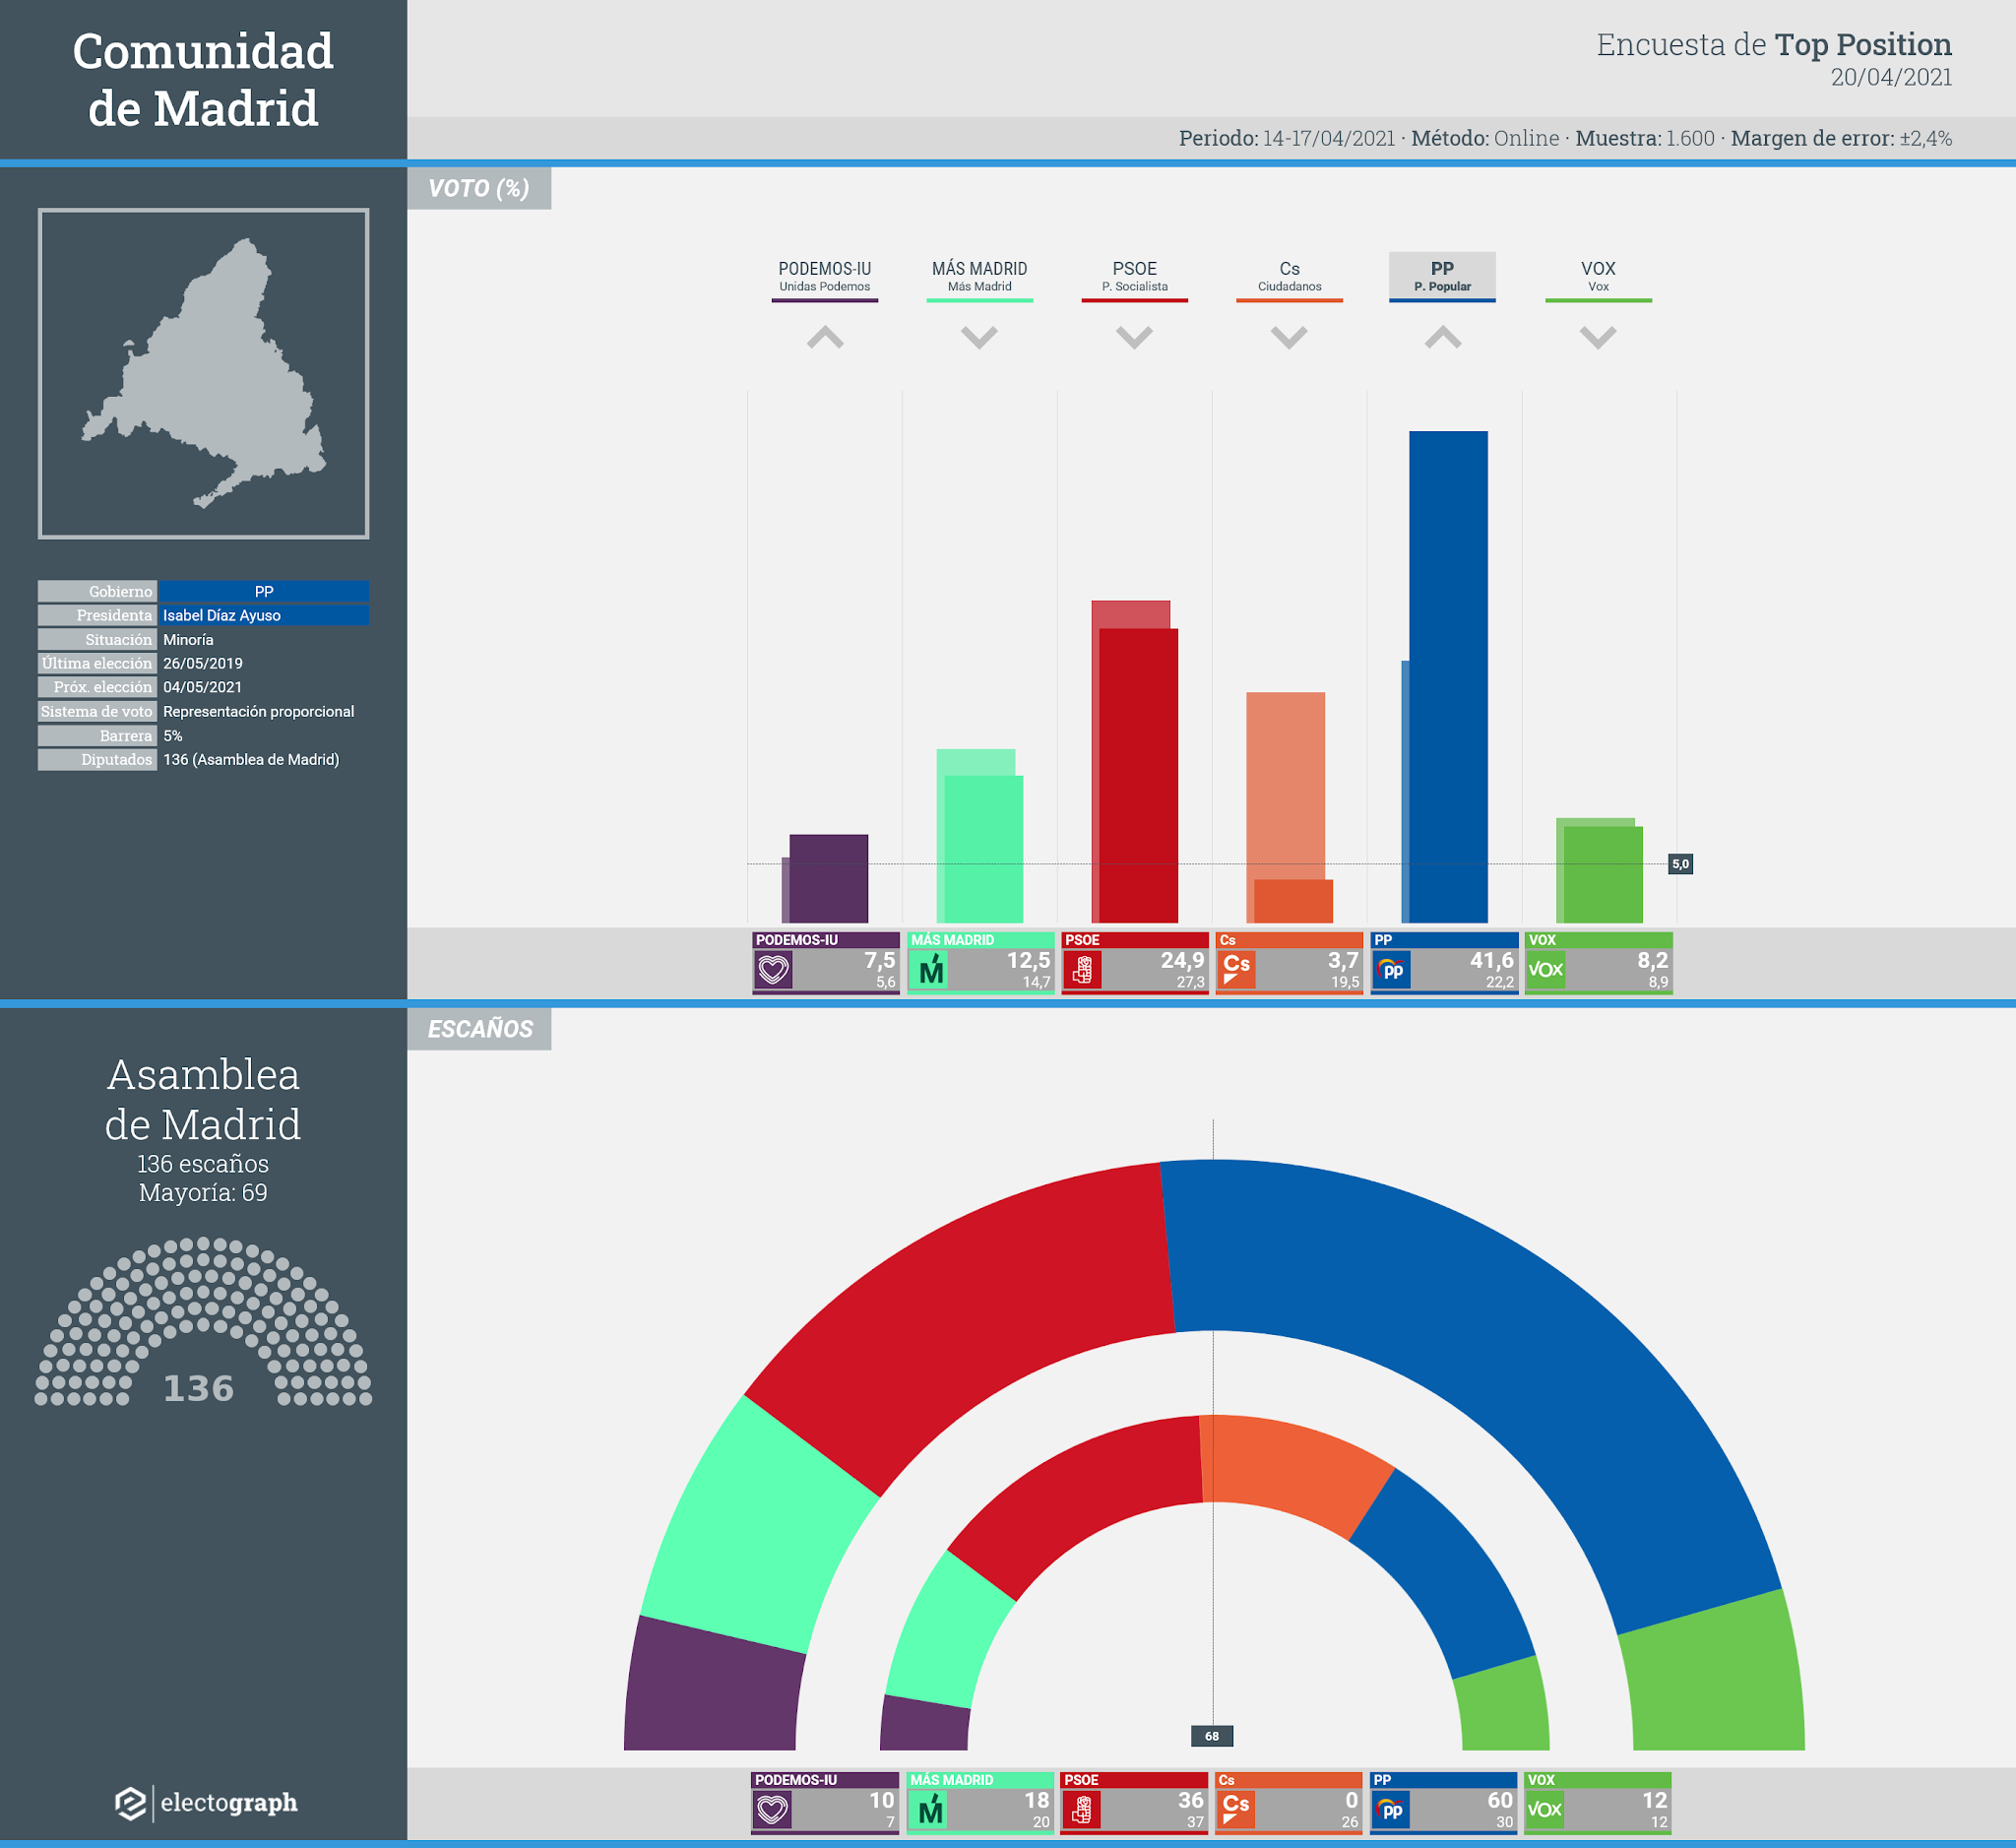 Gráfico de la encuesta para elecciones autonómicas en la Comunidad de Madrid realizada por Top Position, 20 de abril de 2021